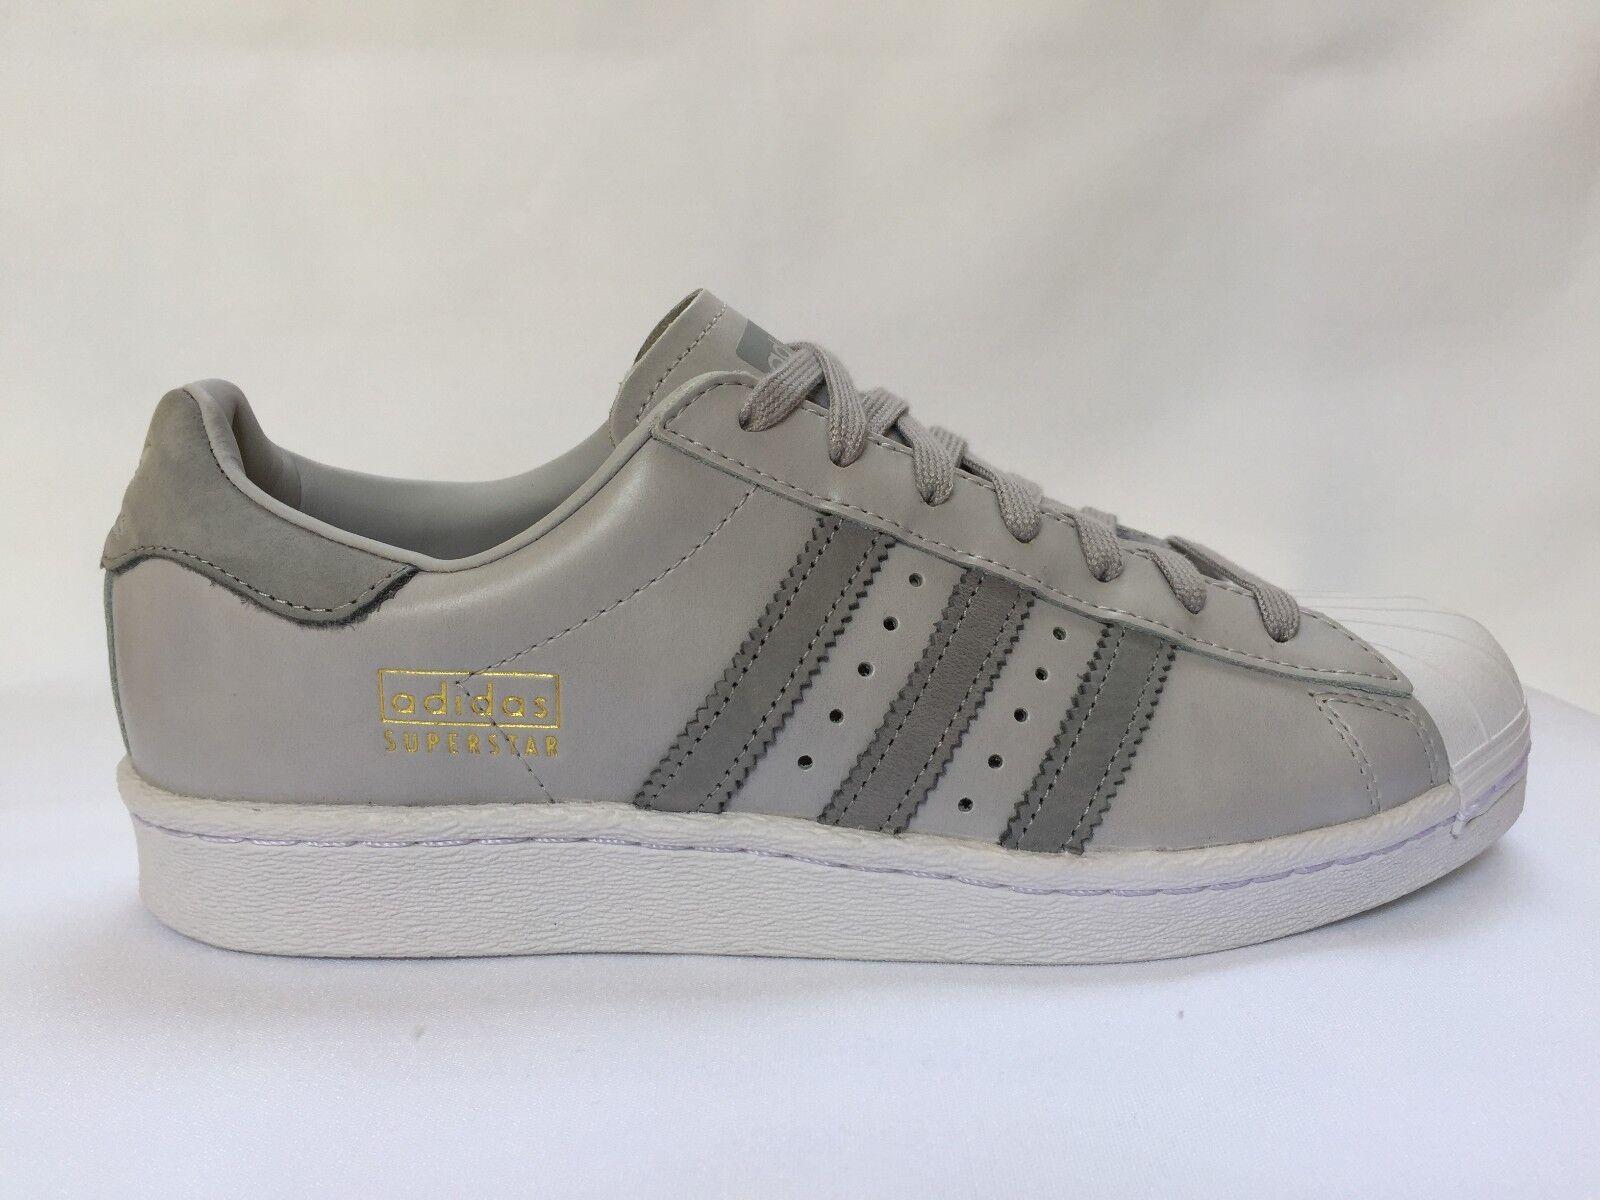 Adidas Original Superstar zapatos de hombres Atletic / zapatillas US gris 8 1 / 2 gris US / blanco bz0206 865de6